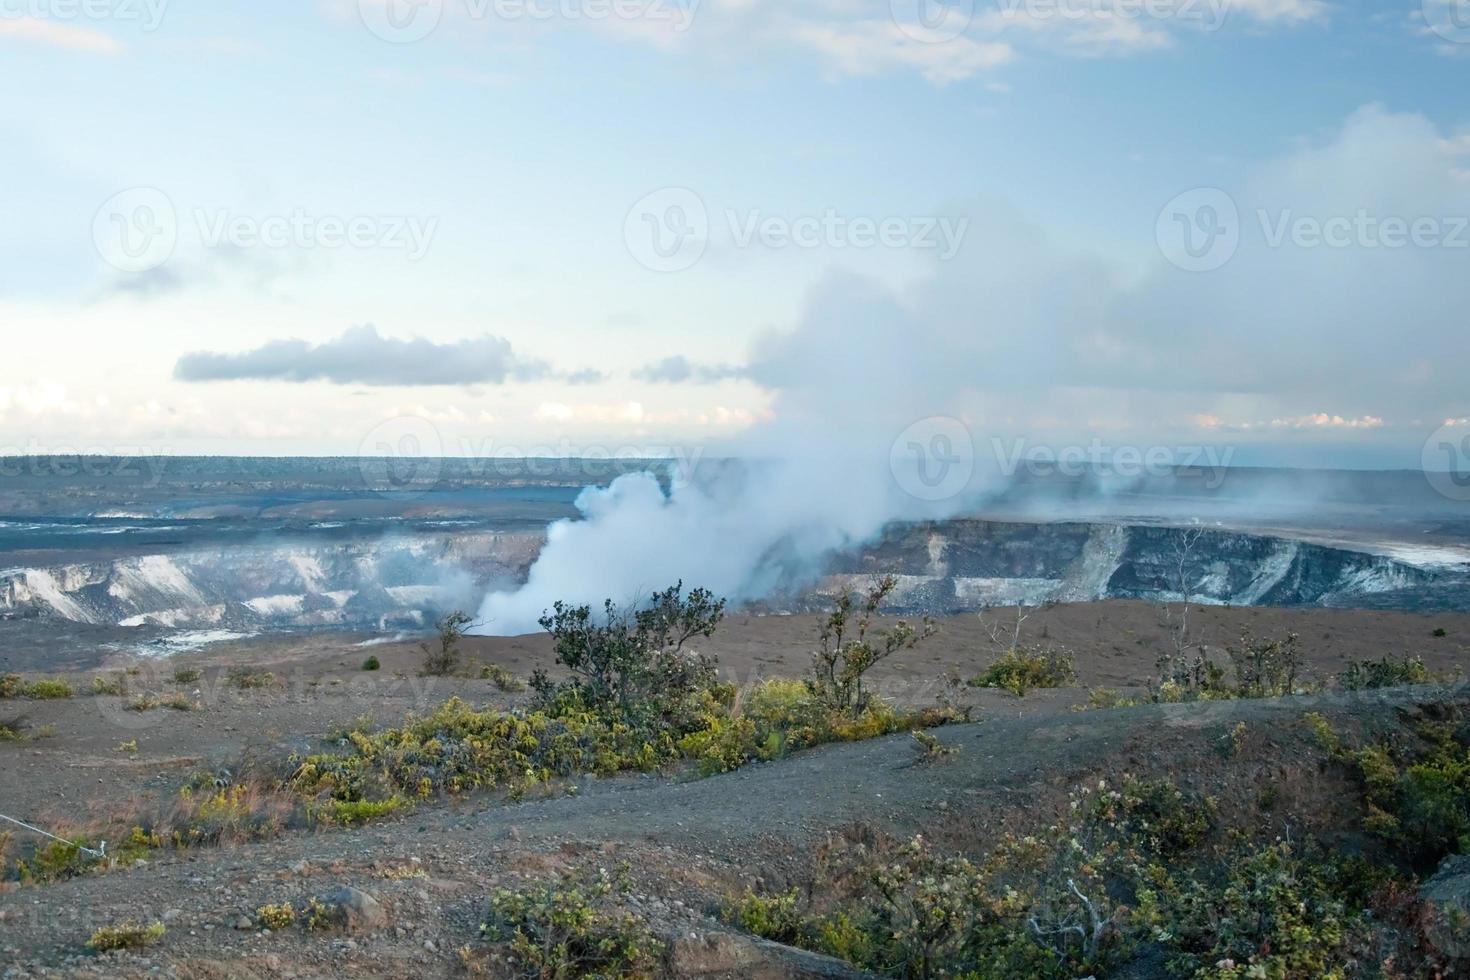 rokende krater van Halemaumau Kilauea vulkaan in Hawaii vulkanen foto